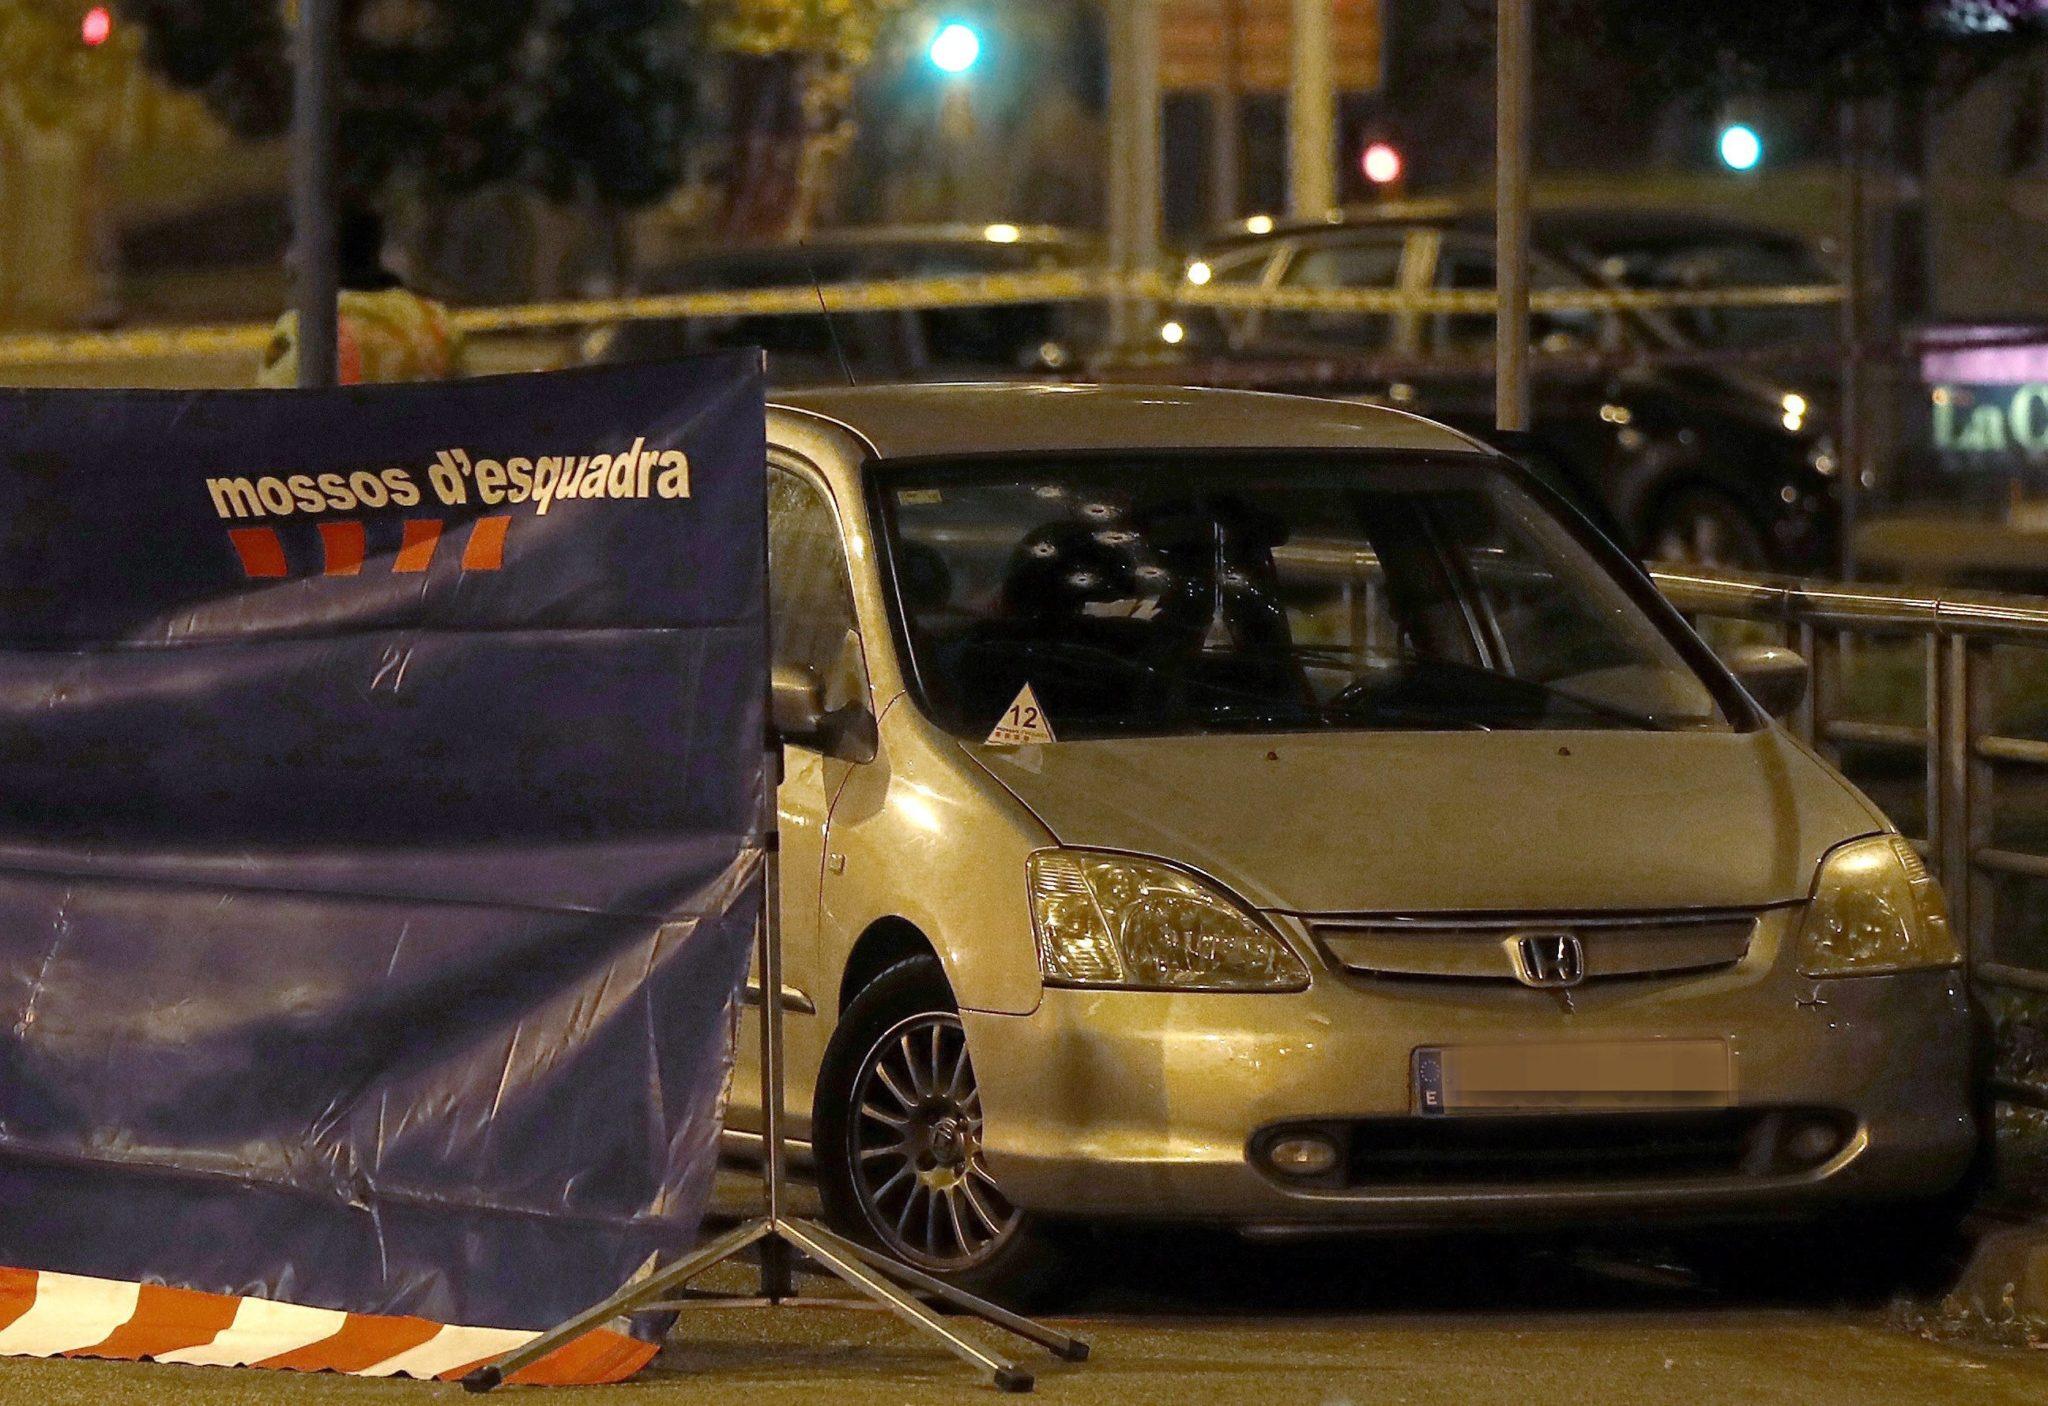 Hiszpania: strzelanina w Barcelonie, w której zginęła jedna osoba, a dwie zostały ranne (foto. PAP/EPA/ANDREU DALMAU)